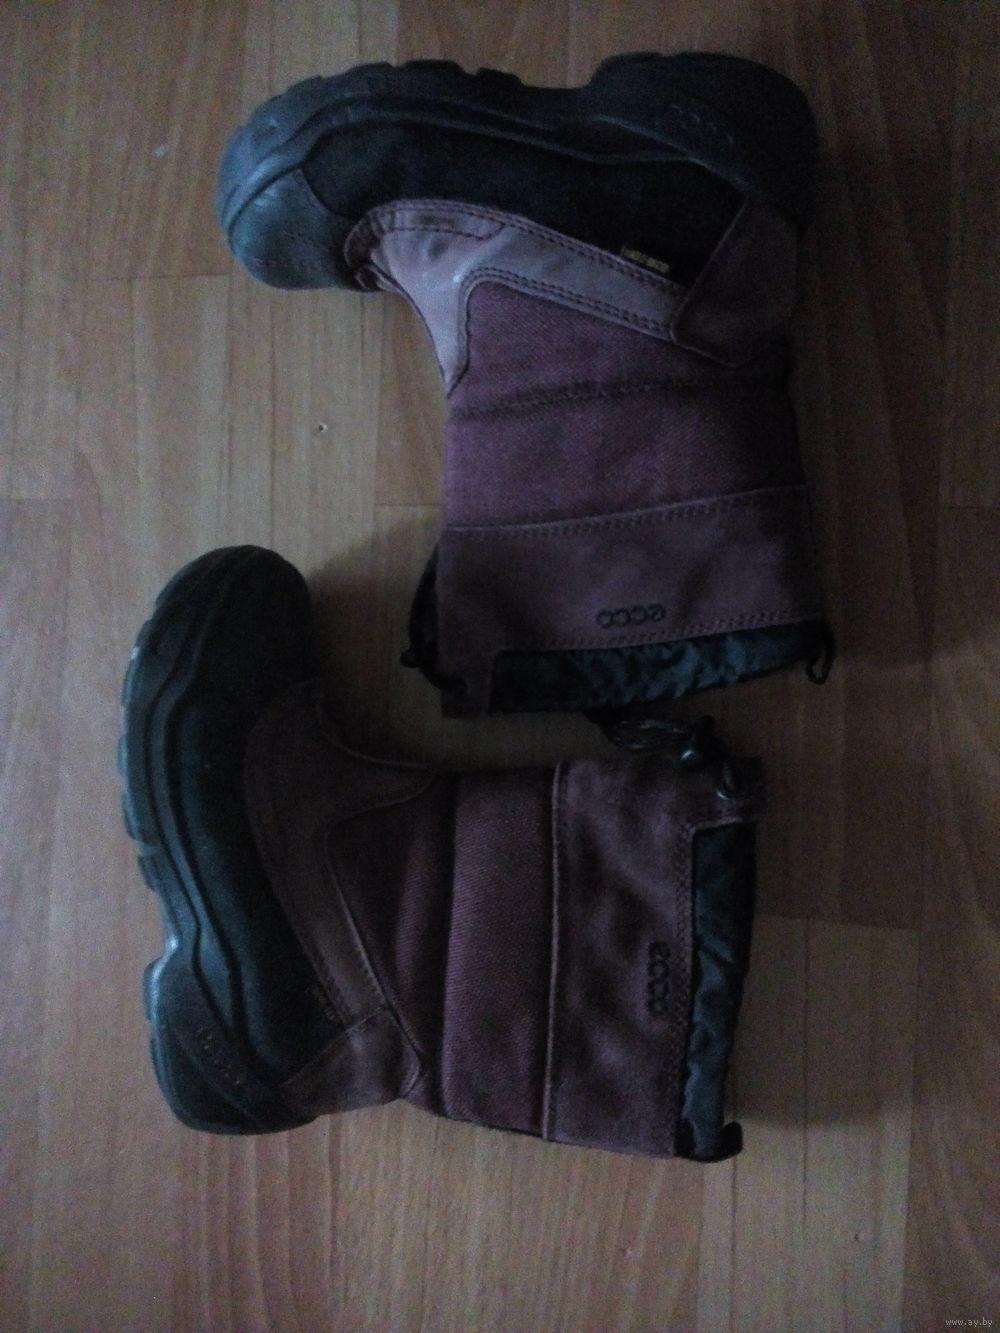 7eb2e1509 Сапоги детские Ecco. Купить в Минске — Детская обувь Ay.by. Лот ...